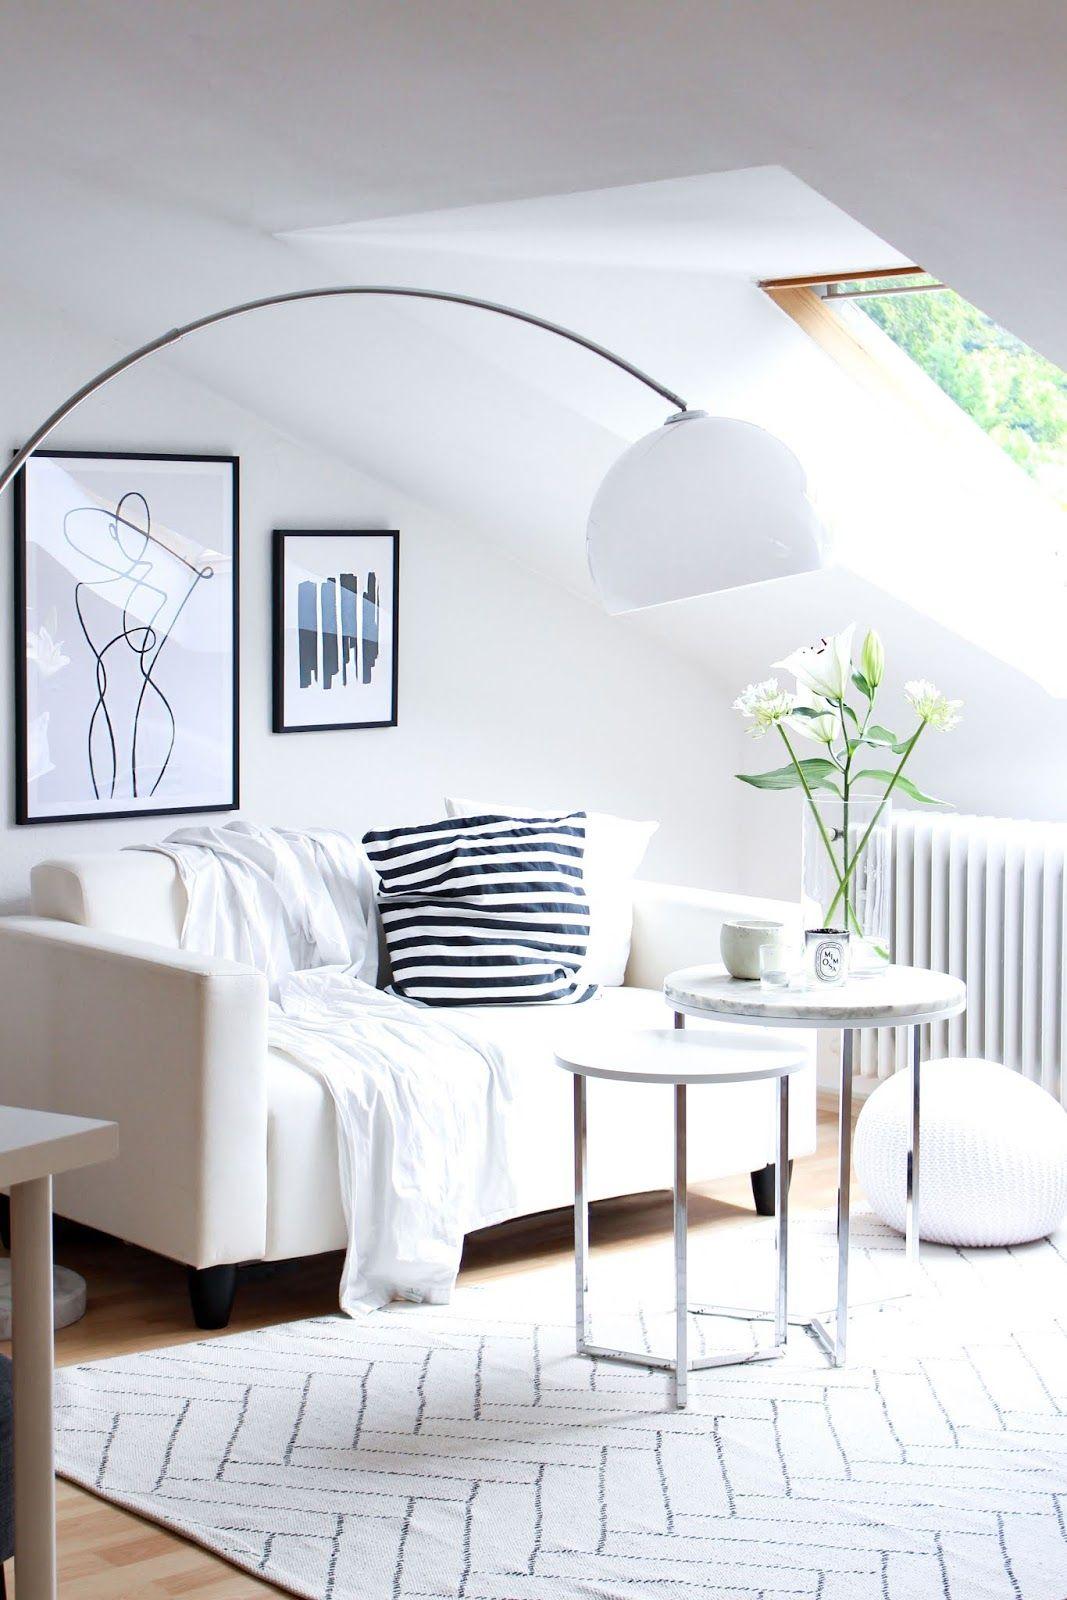 Interior One Line Drawings Und Schwarz Weiss Prints Von Desenio Mit Bildern Wohnzimmermobel Weiss Lampen Wohnzimmer Haus Deko